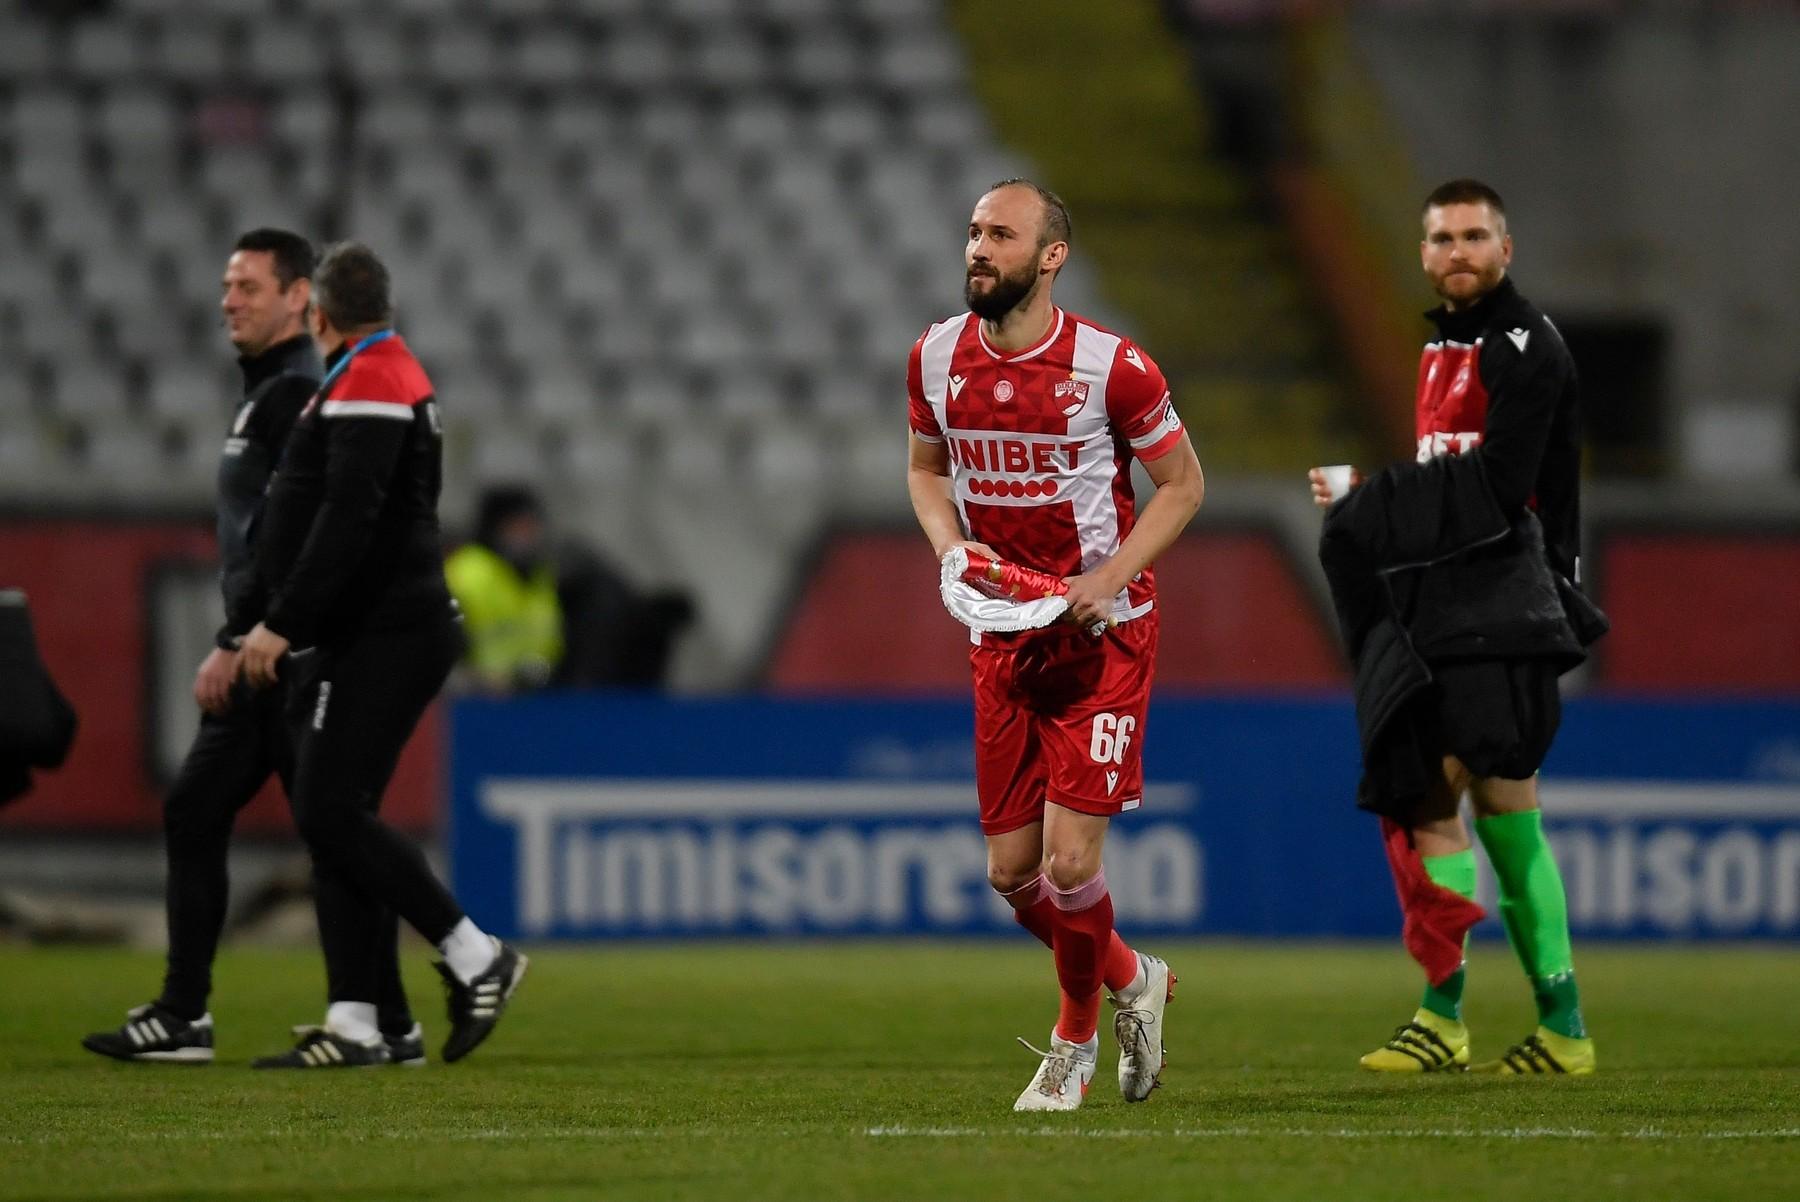 Ante Puljic, Dinamo, Profimedia Images